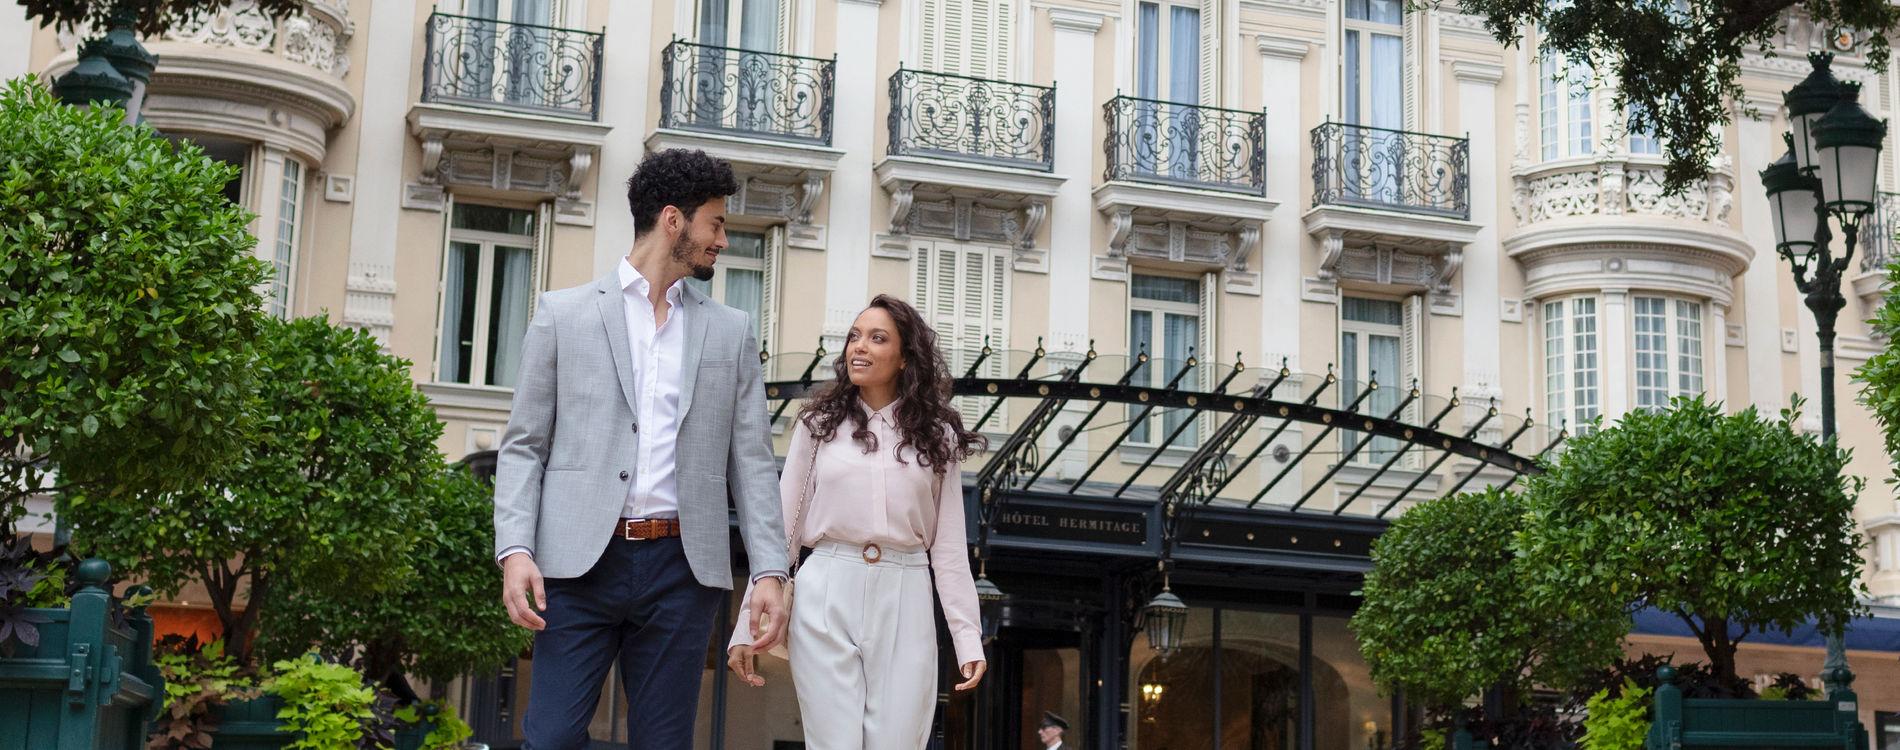 Hôtel Hermitage - Instant Romantique